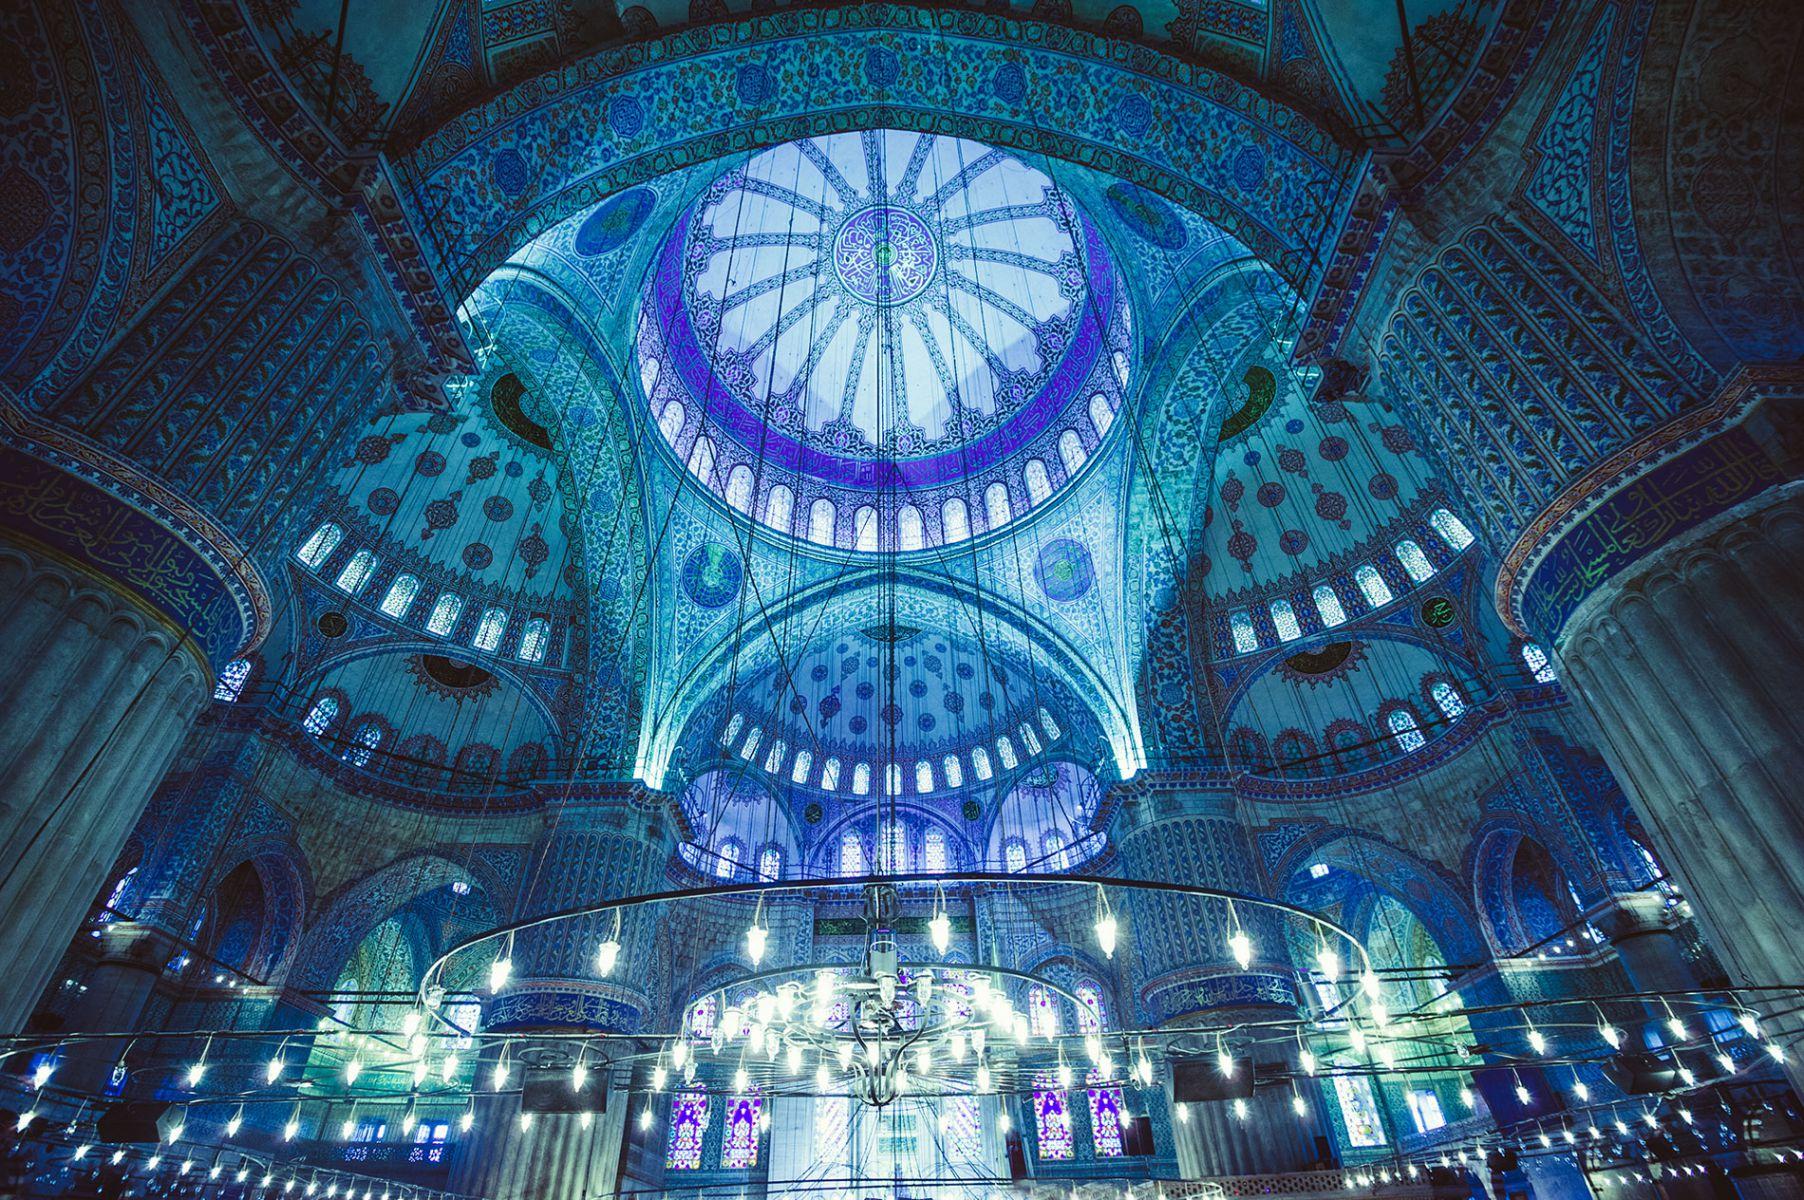 Sultan Ahmetmoskee, de Blauwe Moskee in Istanbul, Turkije. De bekendste bezienswaardigheid van de stad